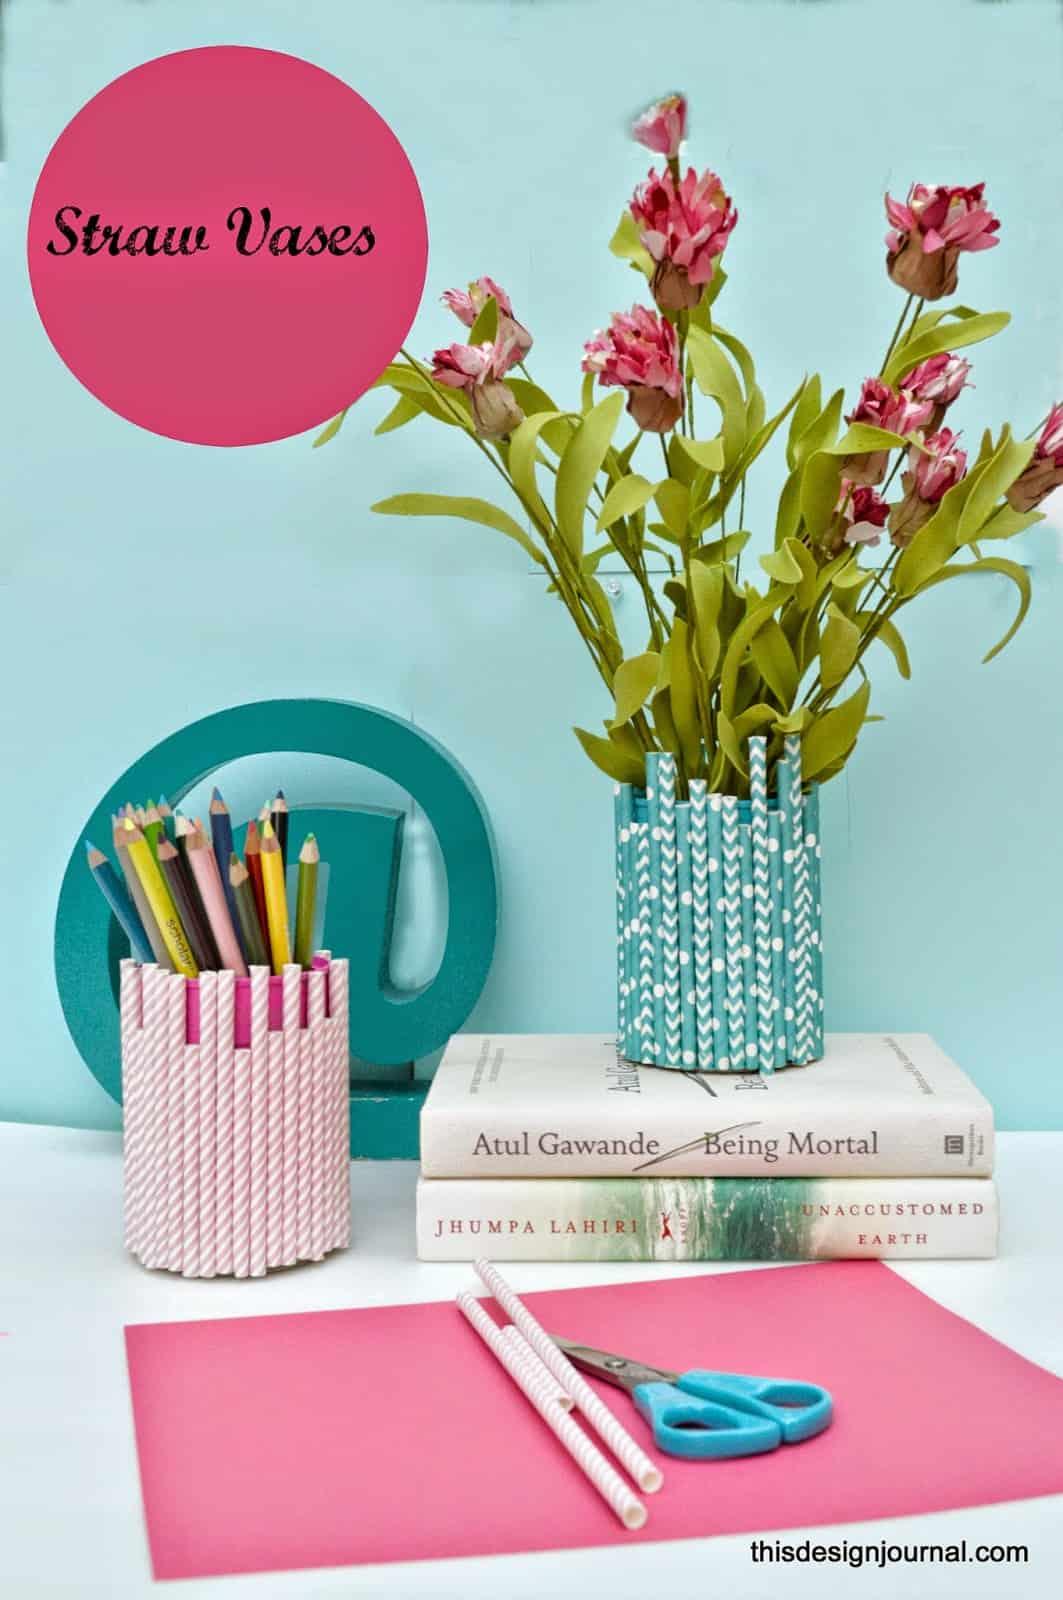 vase with straws